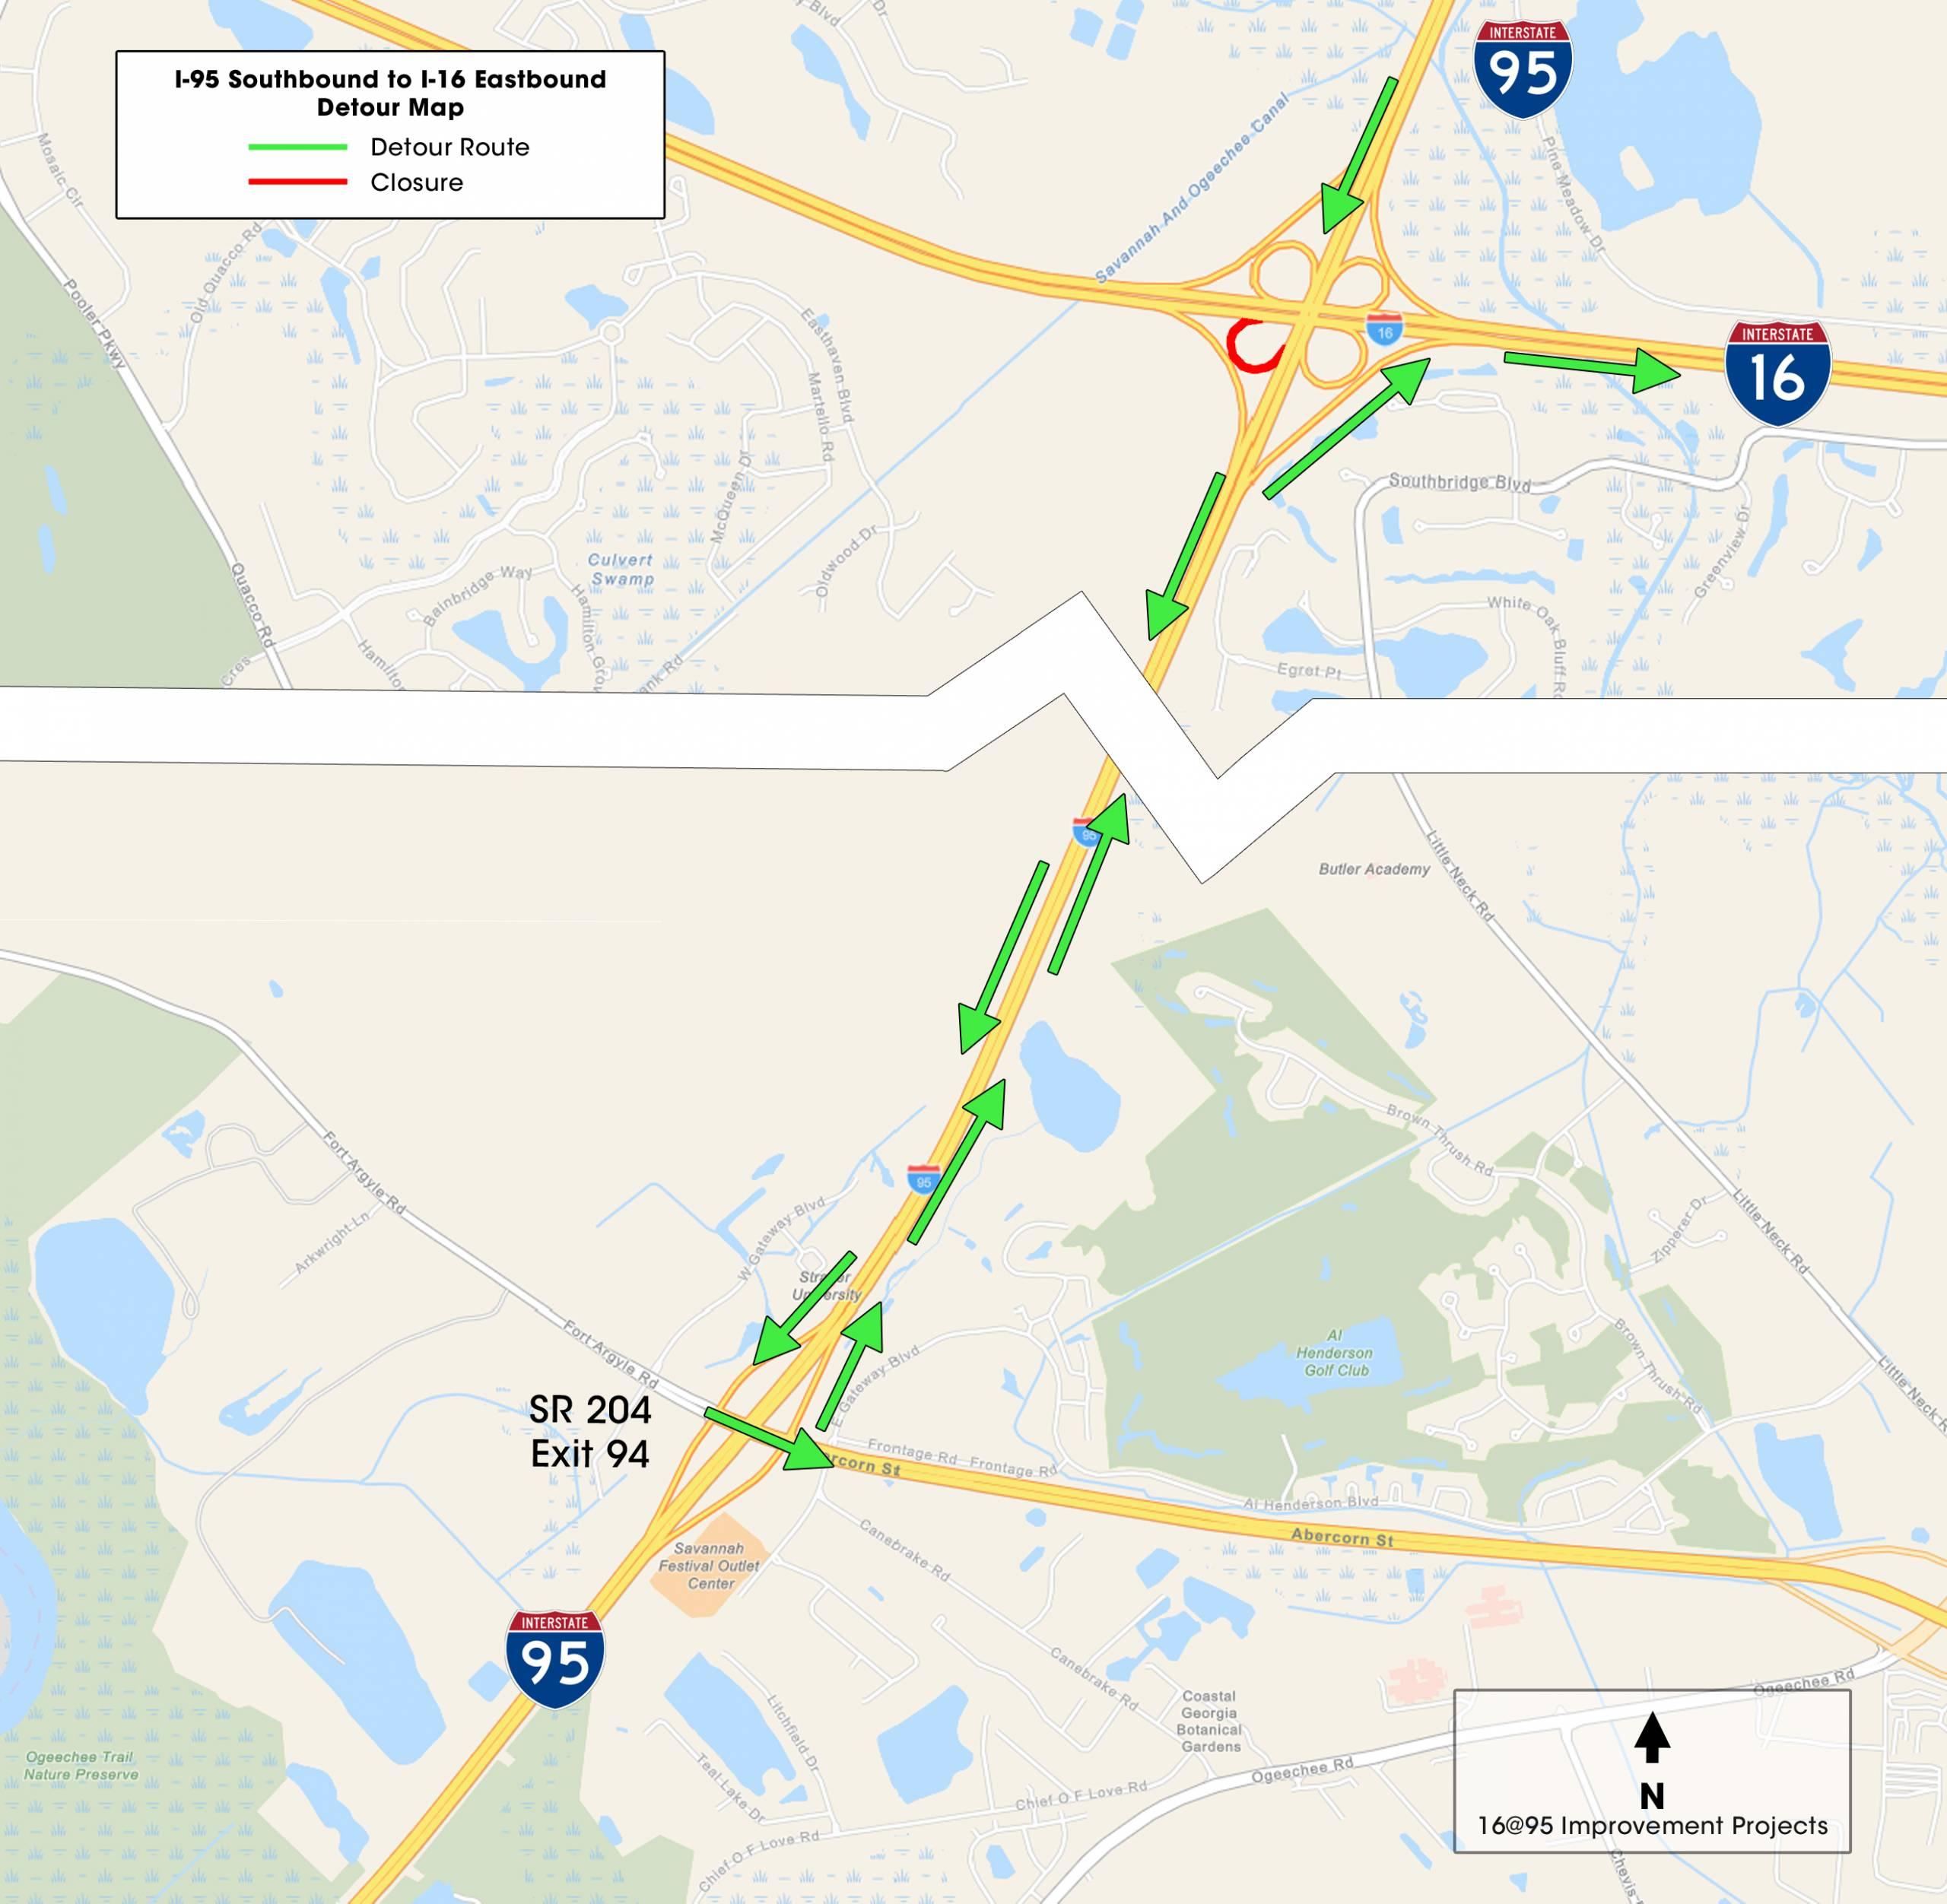 I-16 SB to I-95 EB detour july 24